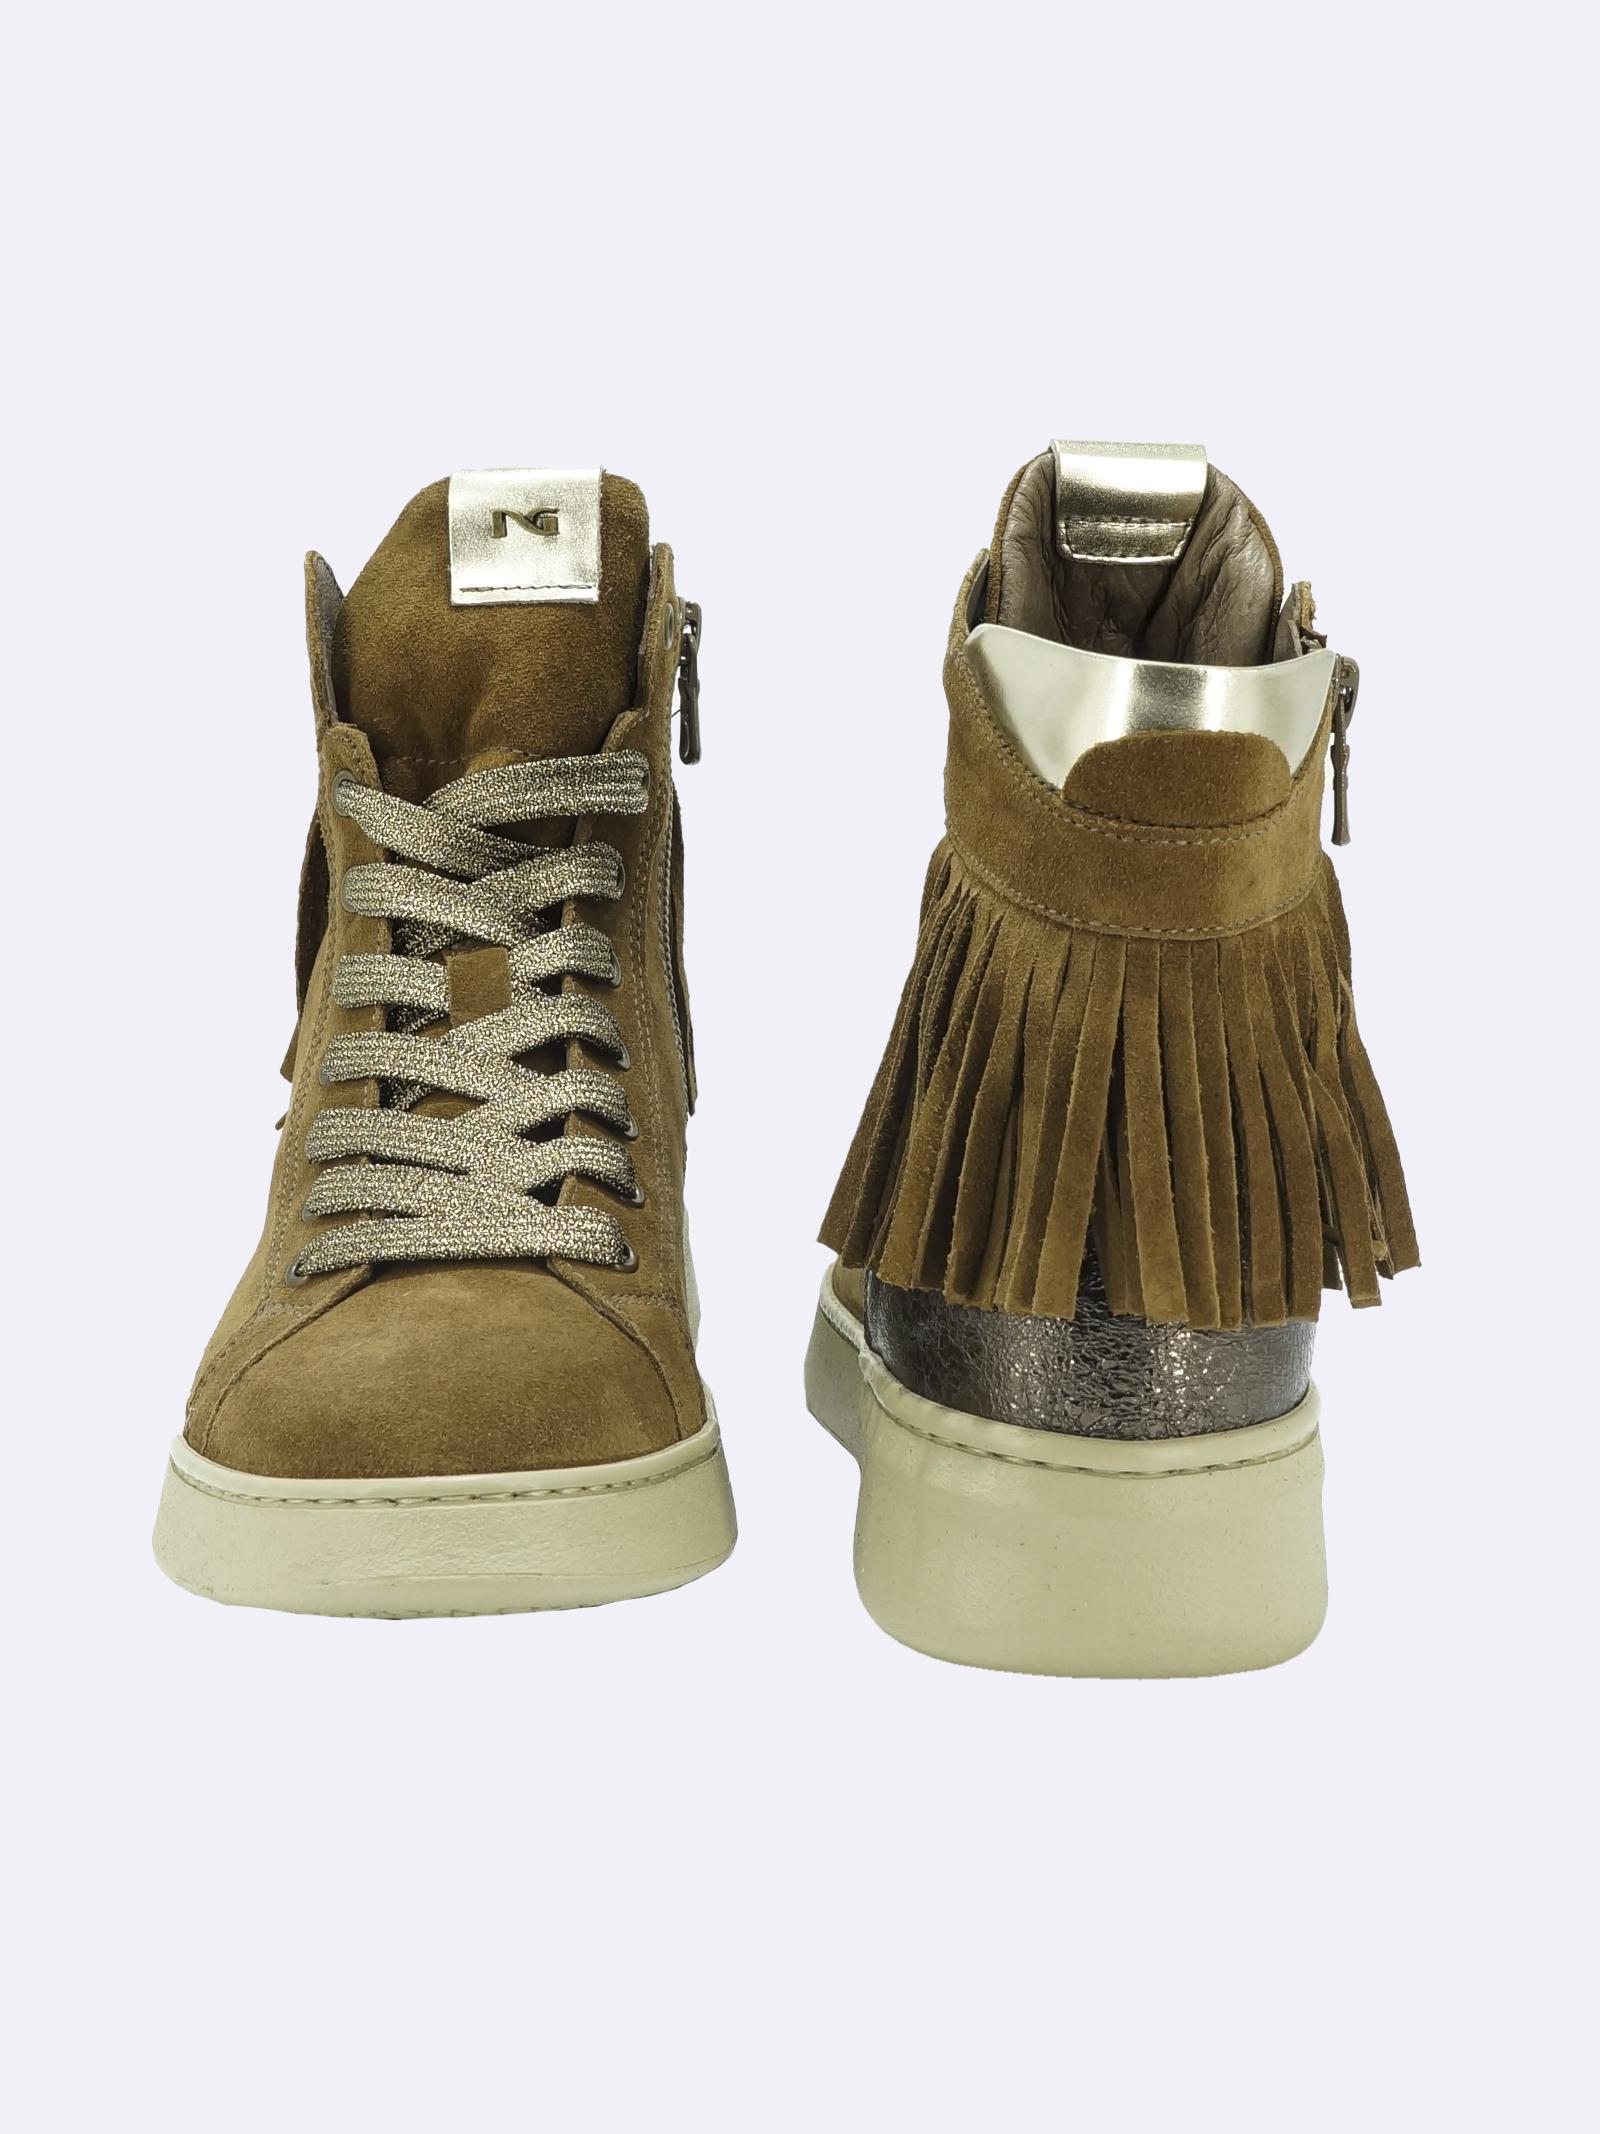 Sneakers Donna in Pelle Cuoio con Lacci Zip e Frange Nero Giardini | Sneakers | I117073DMALTO339